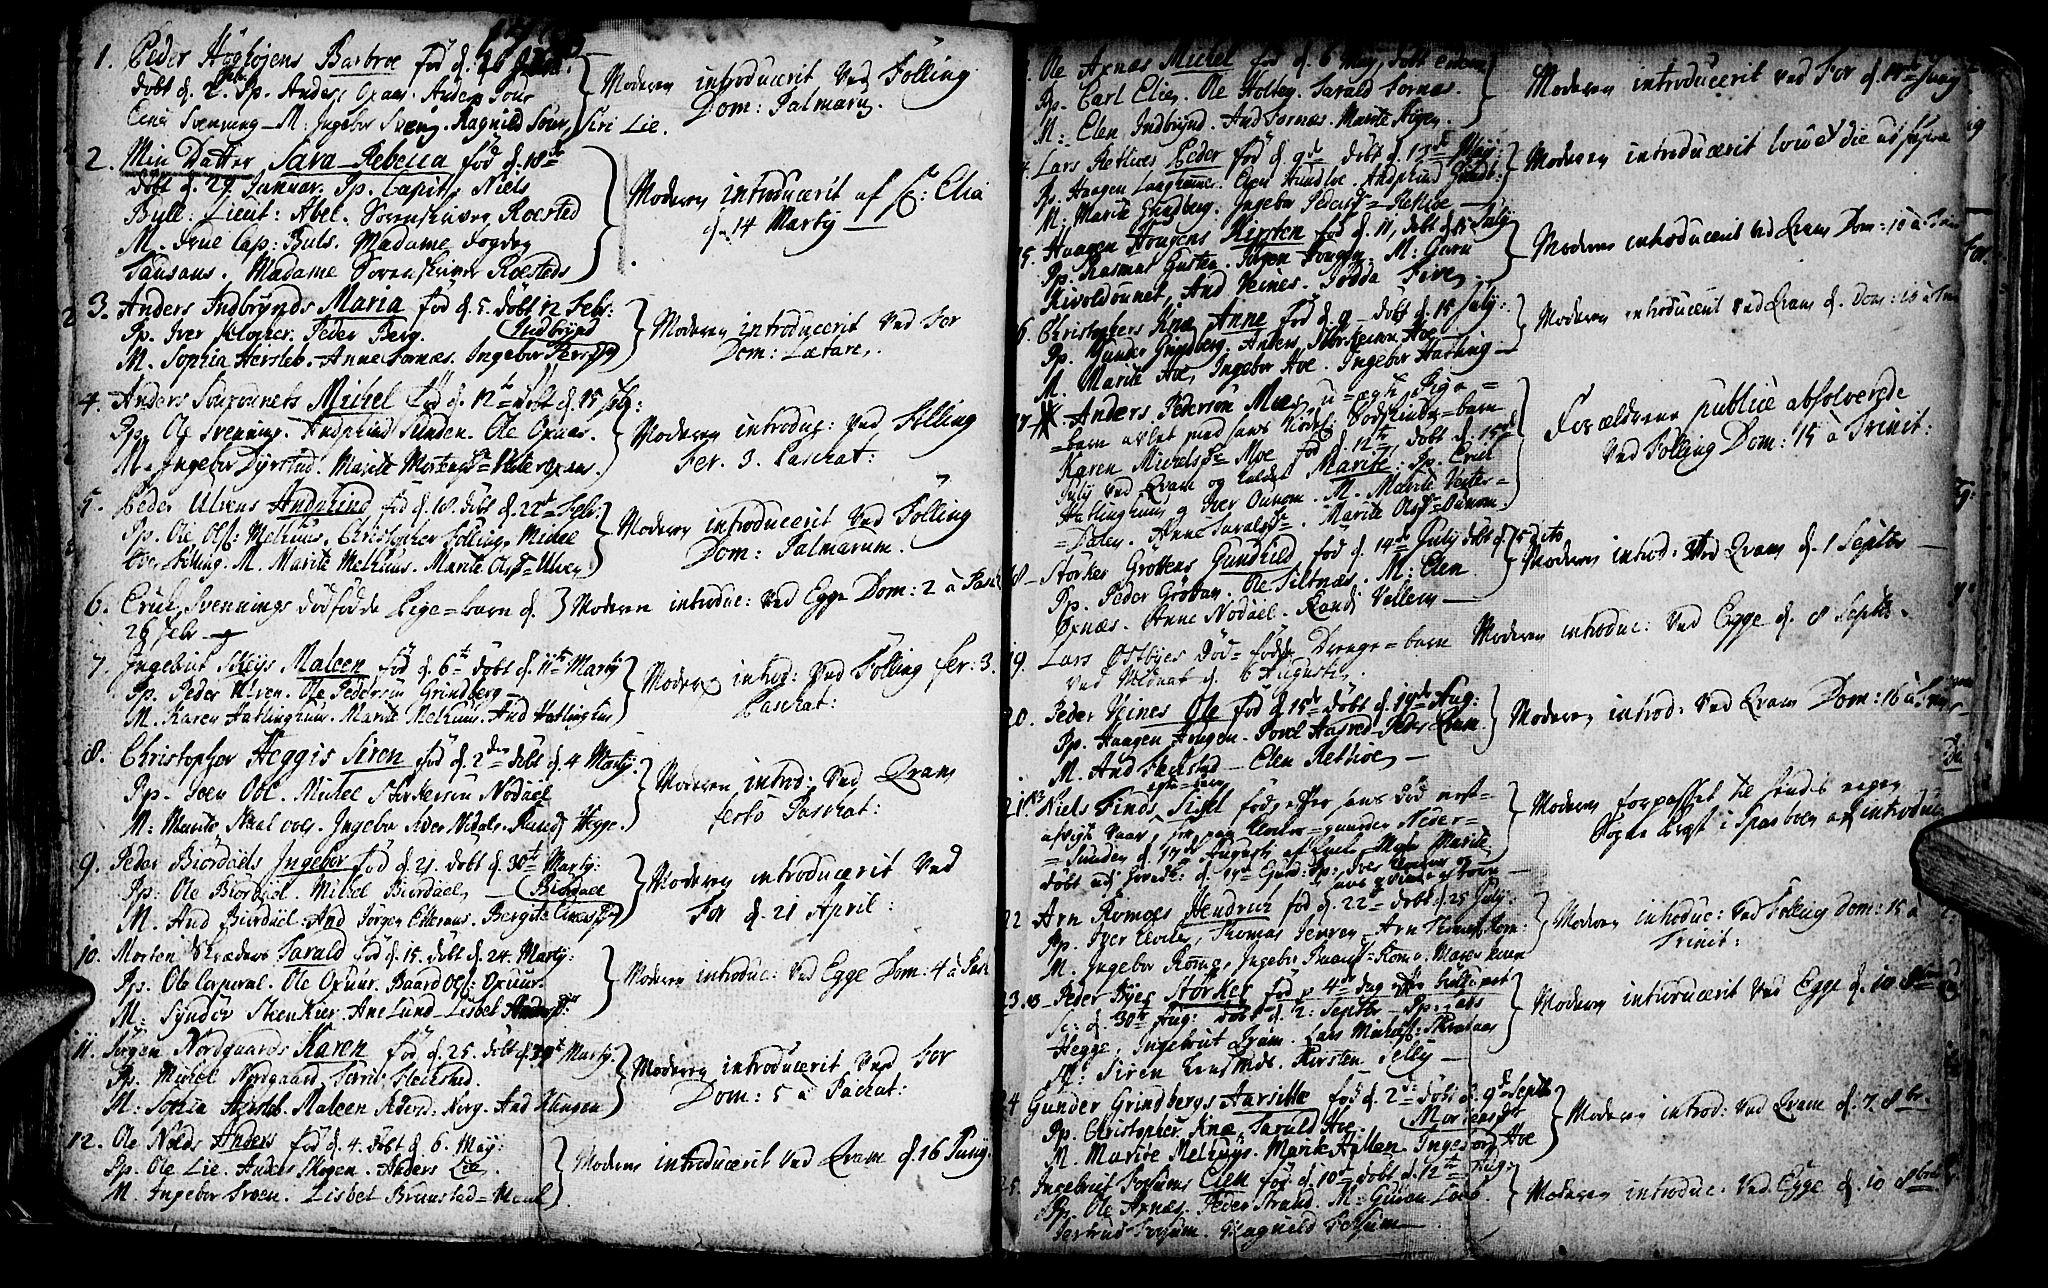 SAT, Ministerialprotokoller, klokkerbøker og fødselsregistre - Nord-Trøndelag, 746/L0439: Ministerialbok nr. 746A01, 1688-1759, s. 41